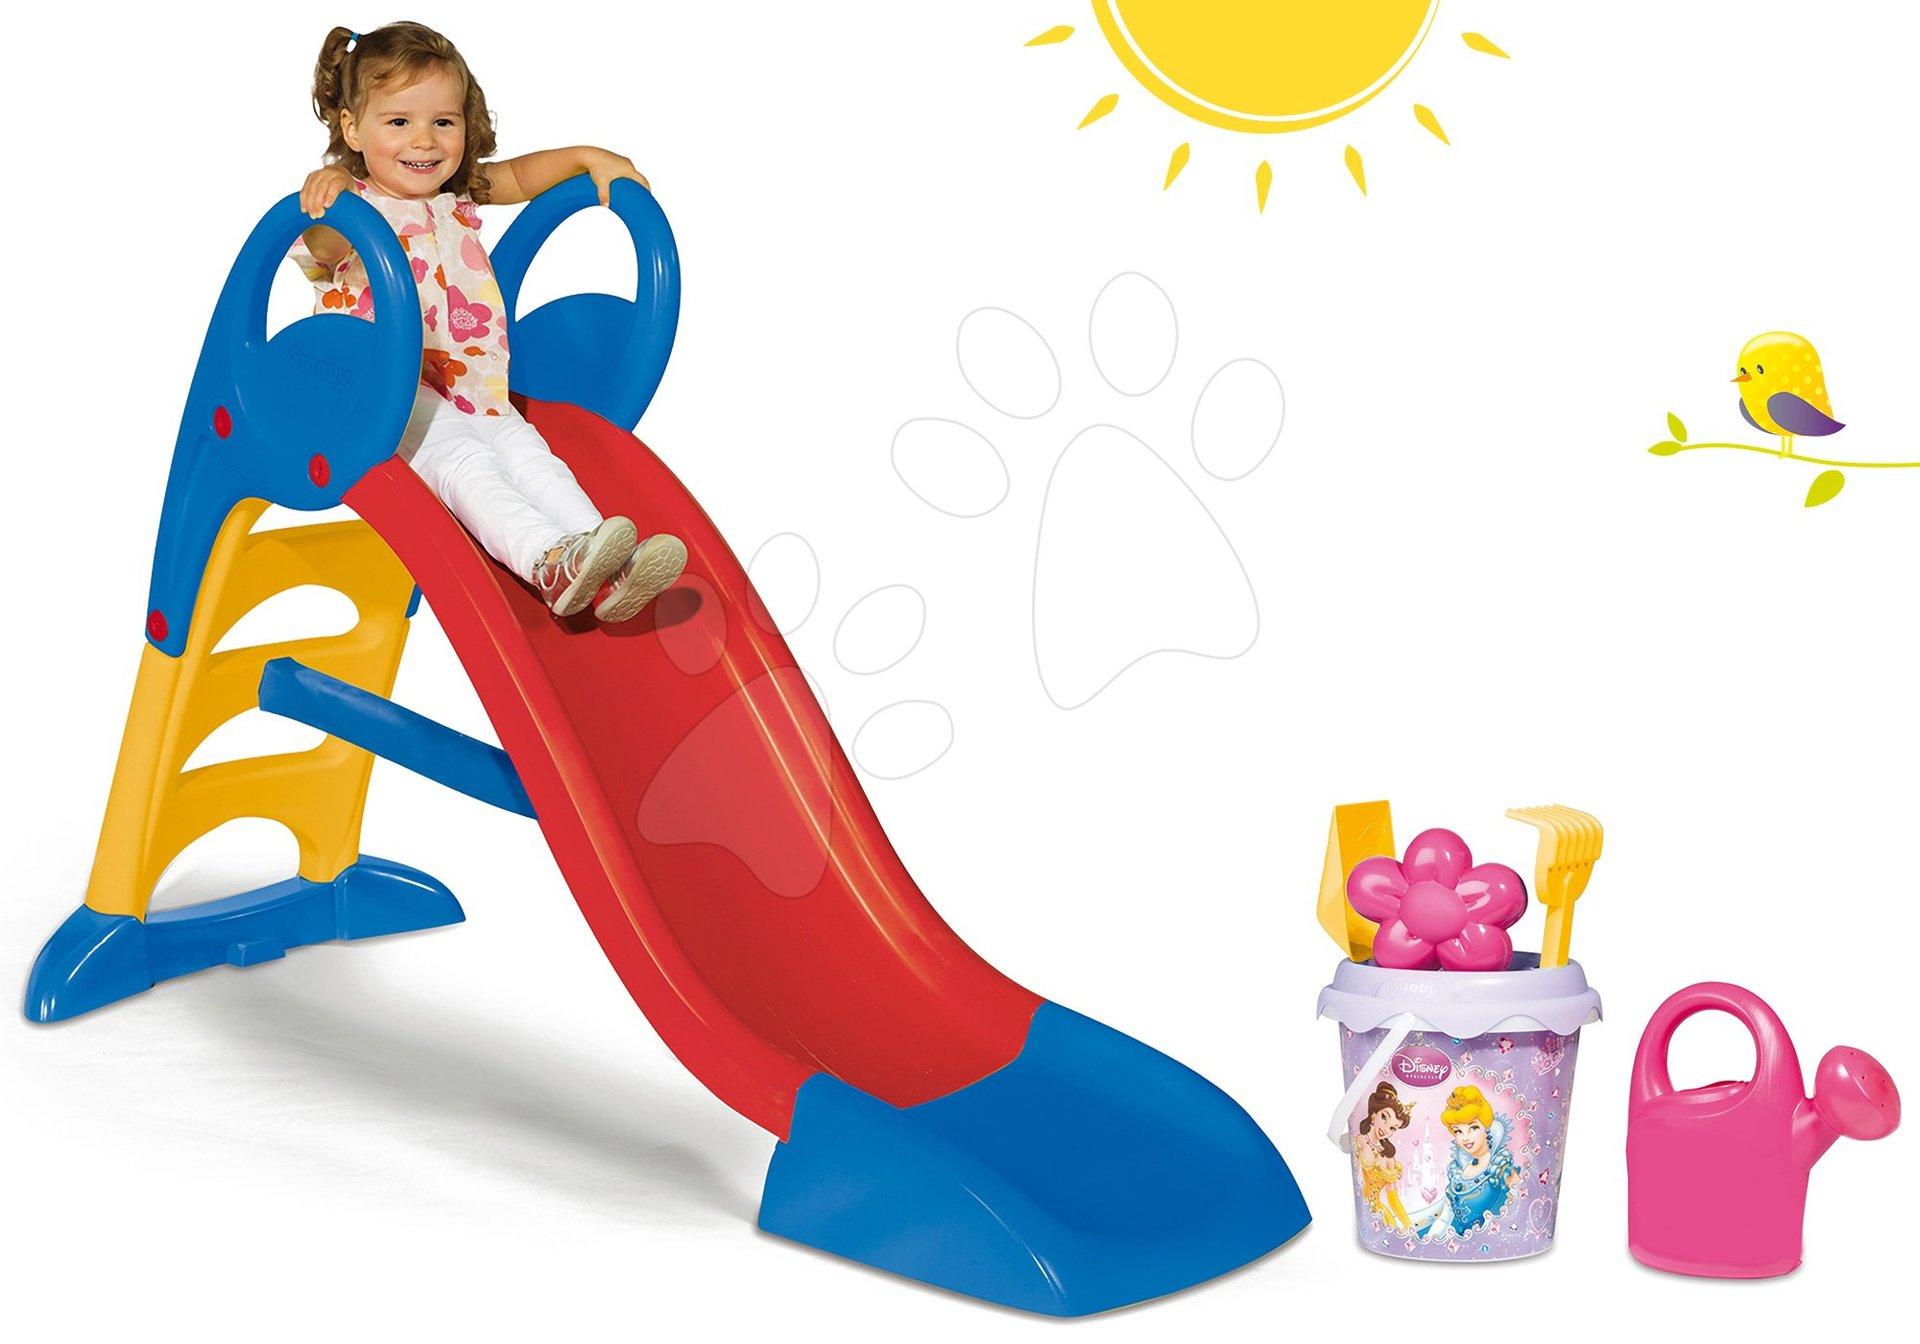 Tobogani za djecu  - Set tobogan Toboggan KS Smoby s vodom 150 cm i set s kanticom za pijesak Princeze od 24 mjeseca